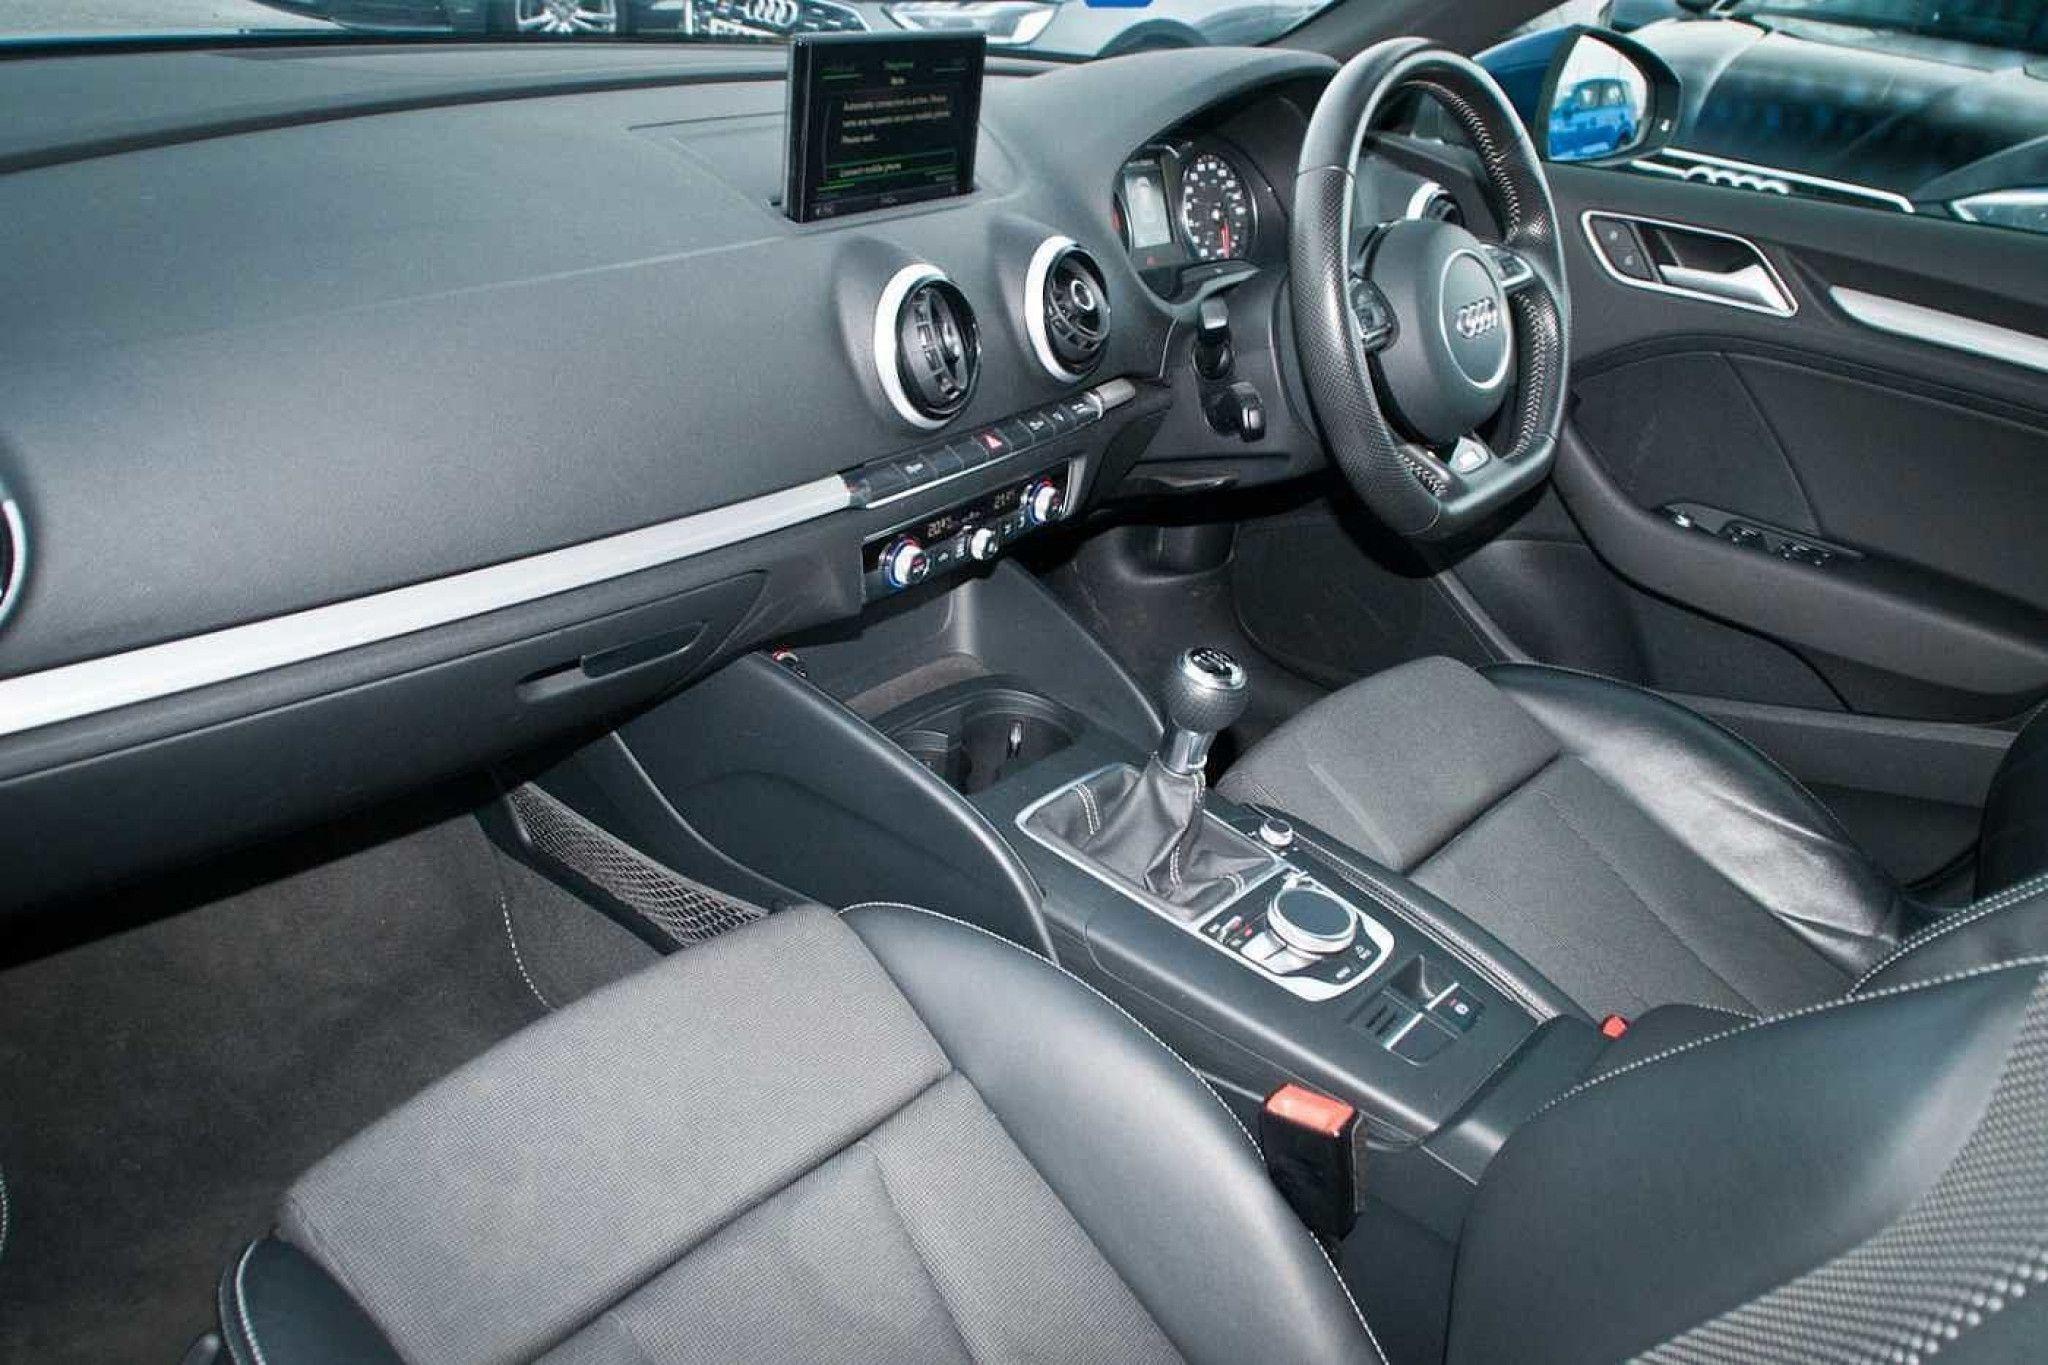 Audi A3 1.6 Tdi 110 S Line 5Dr in 2020 Audi, Audi a3